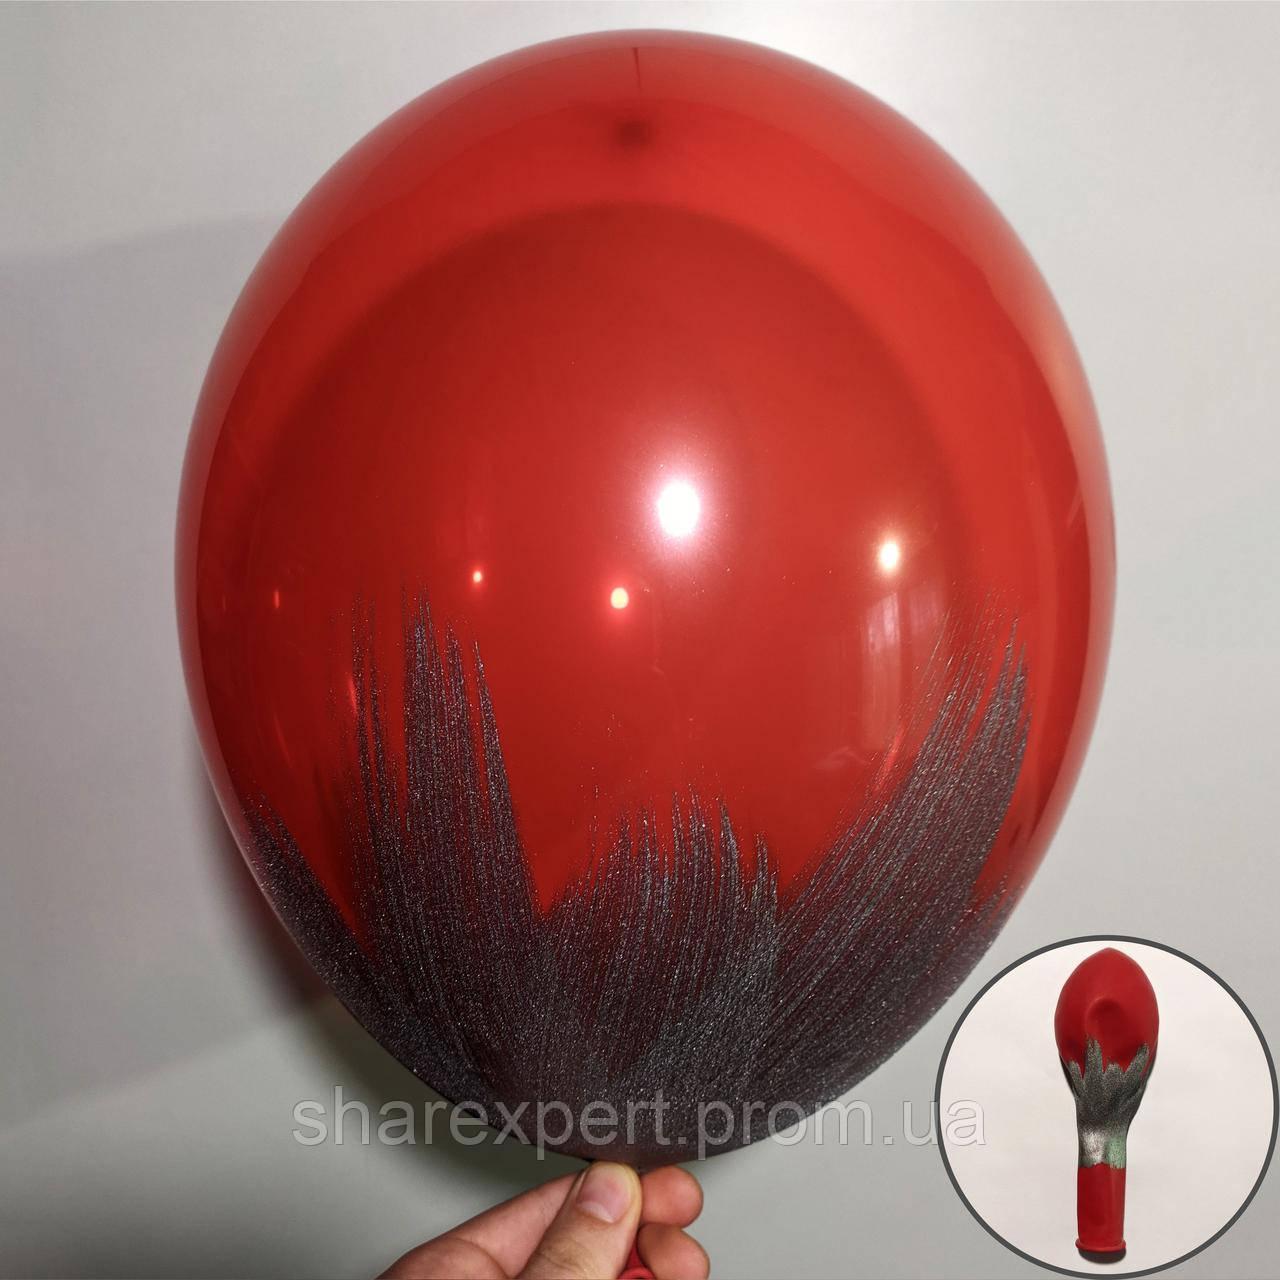 Серебро на Красных(кристалл) латексных шарах